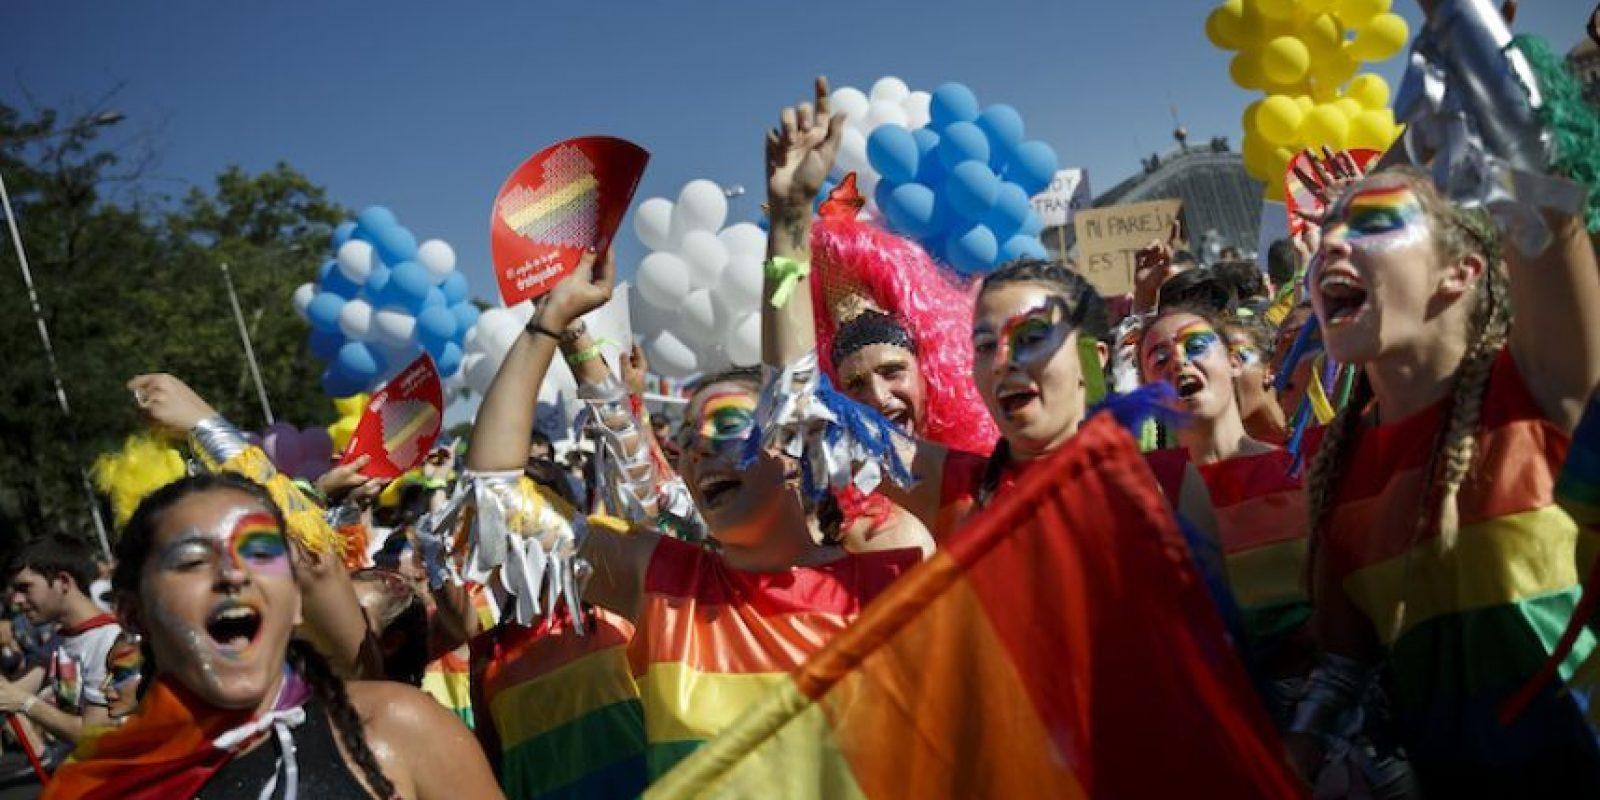 Asistentes bailan durante el desfile gay en Madrid, España, el sábado 2 de julio de 2016. Foto:AP. Imagen Por: